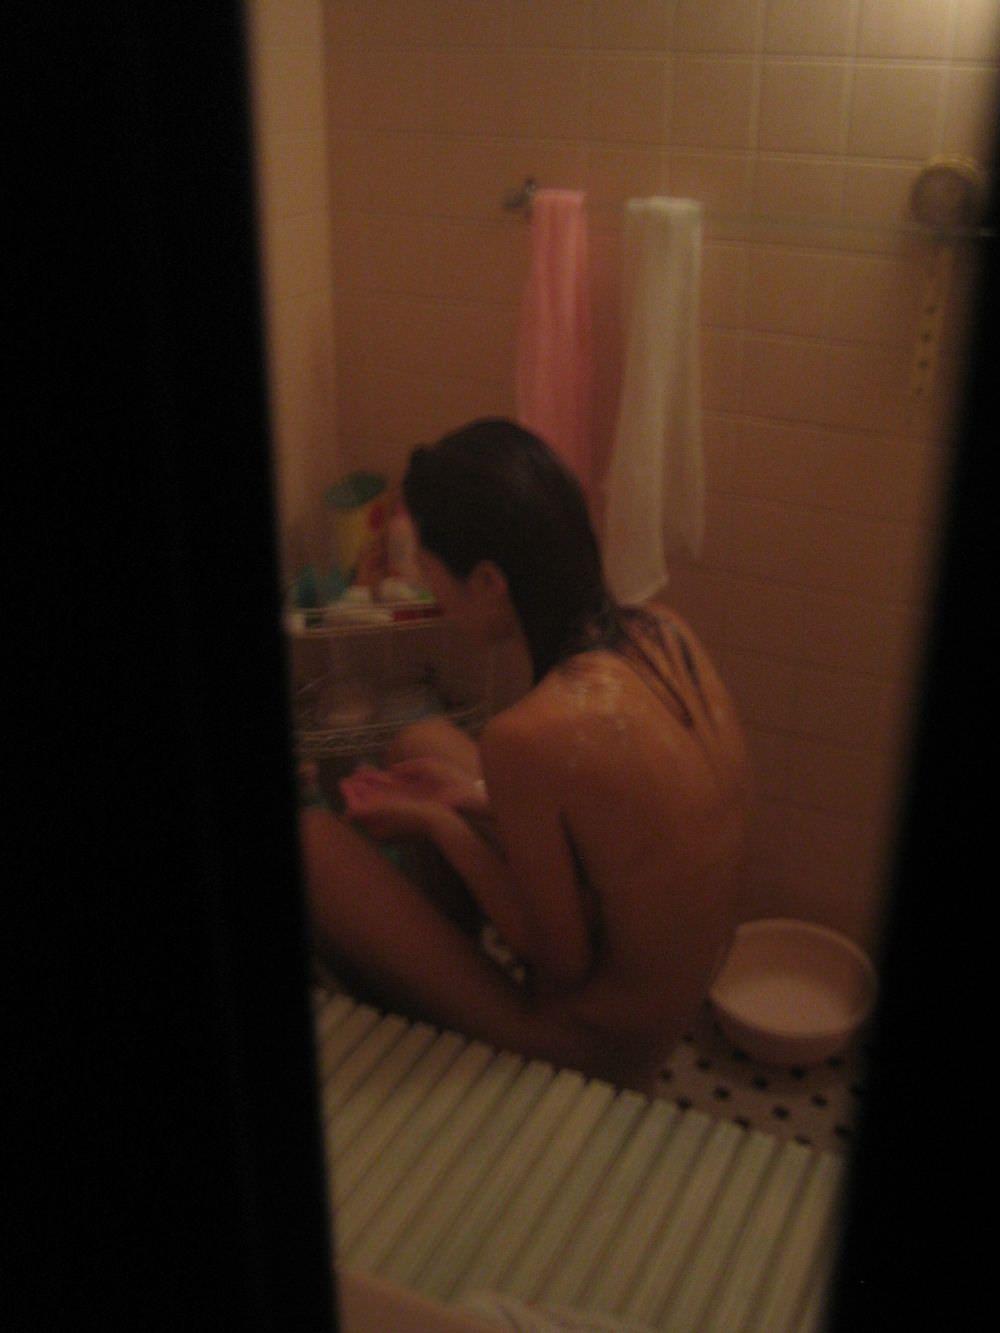 民家の風呂場で入浴中の素人さん (8)